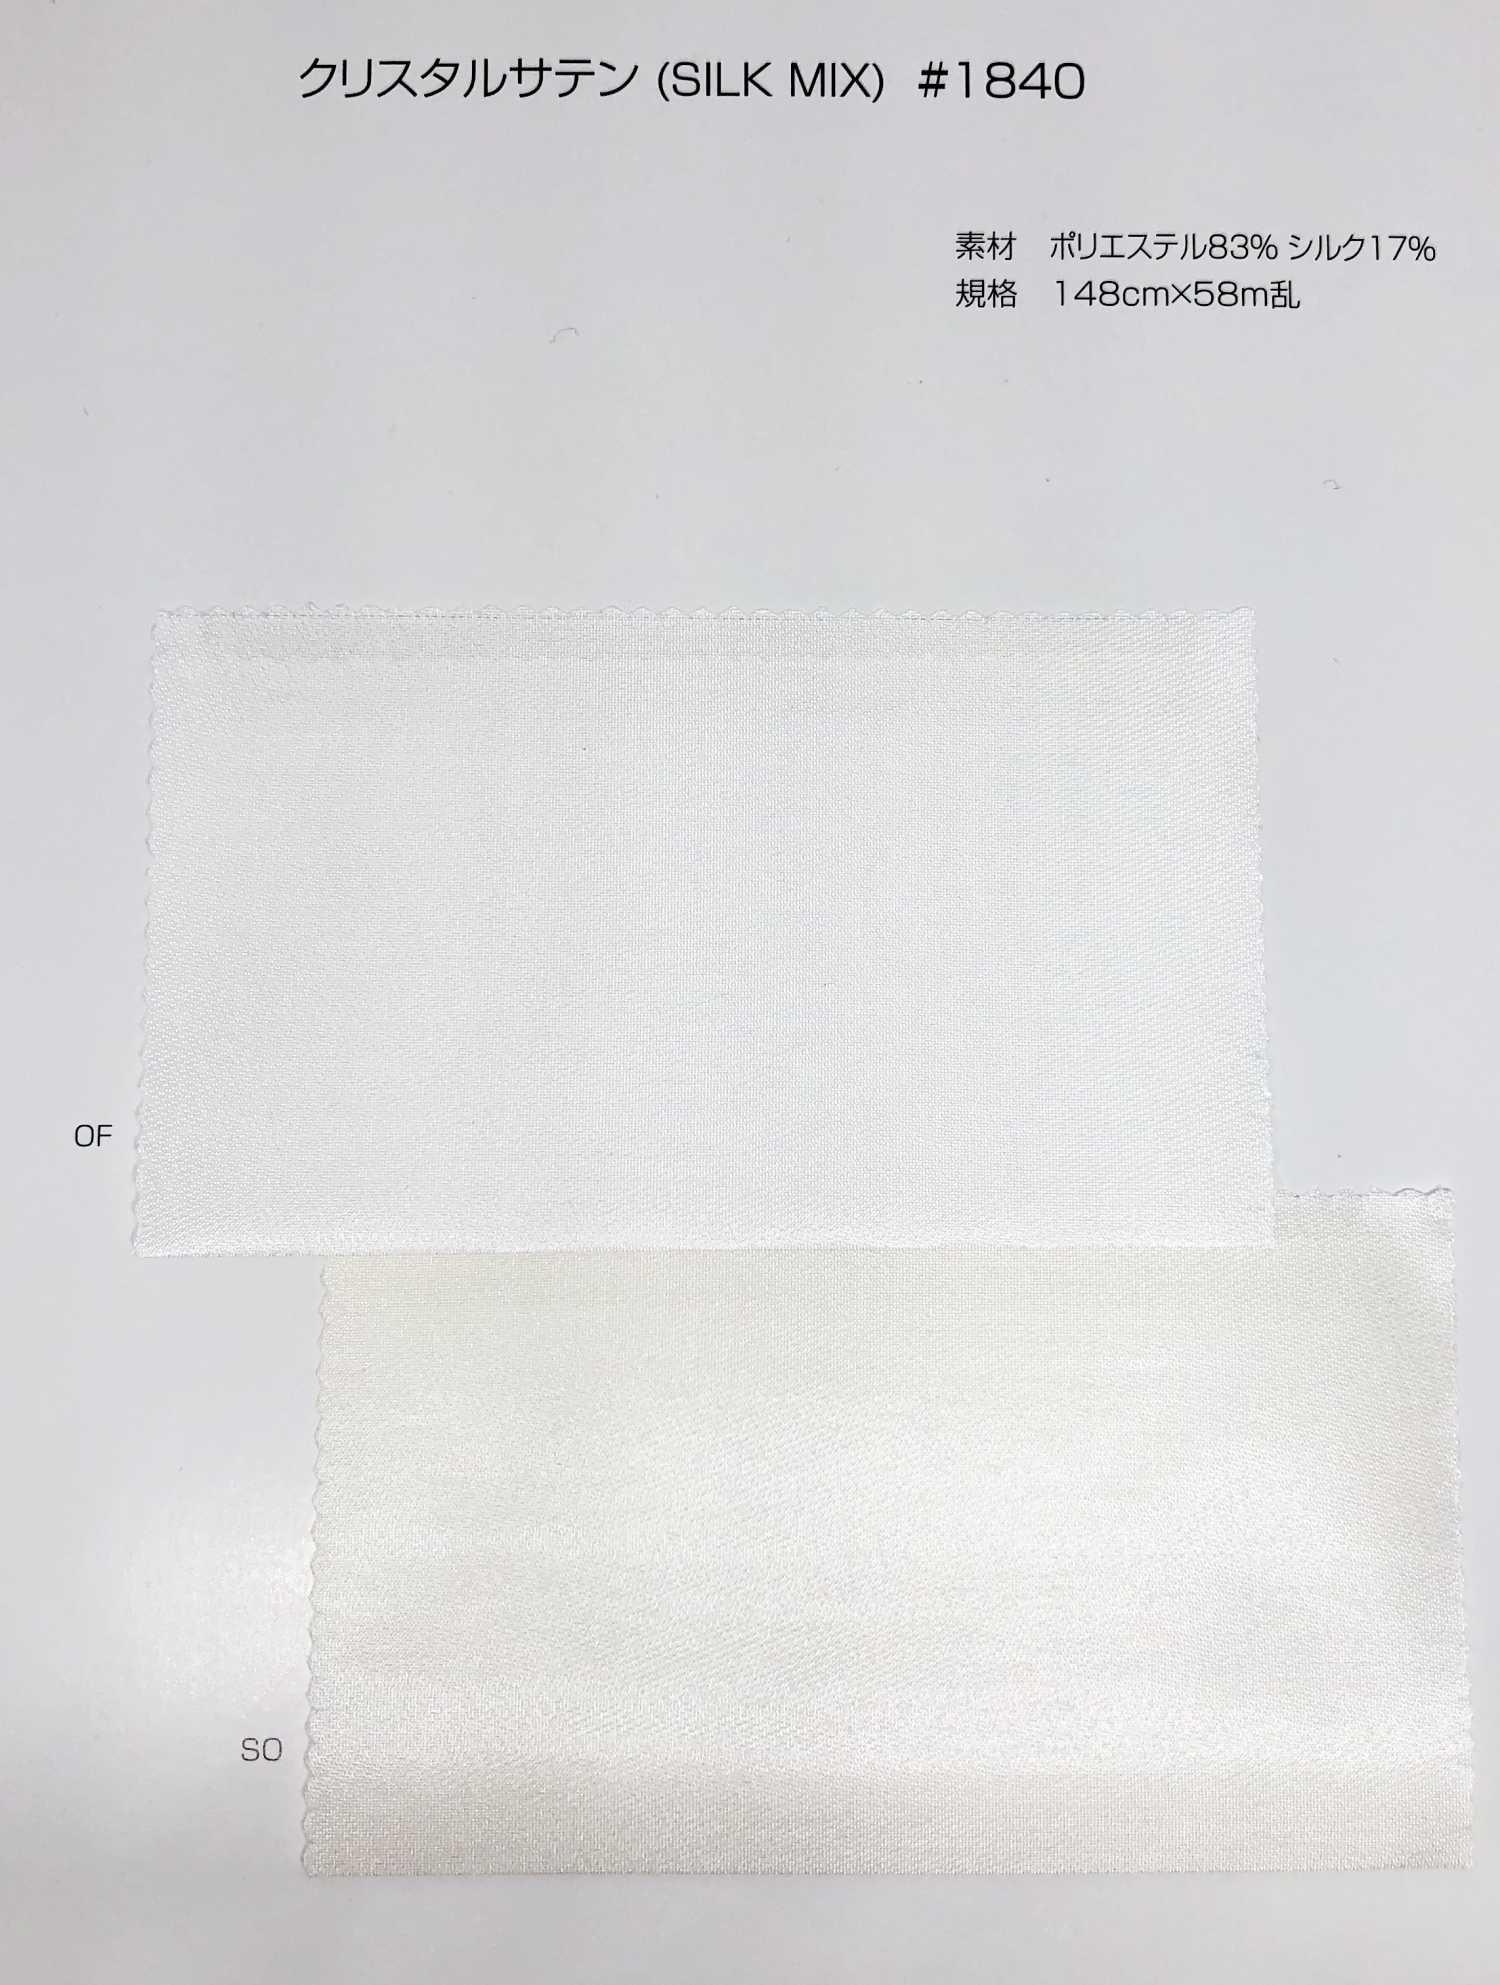 1840 シルク混クリスタルサテン[生地] サンコロナ小田/オークラ商事 - ApparelX アパレル資材卸通販